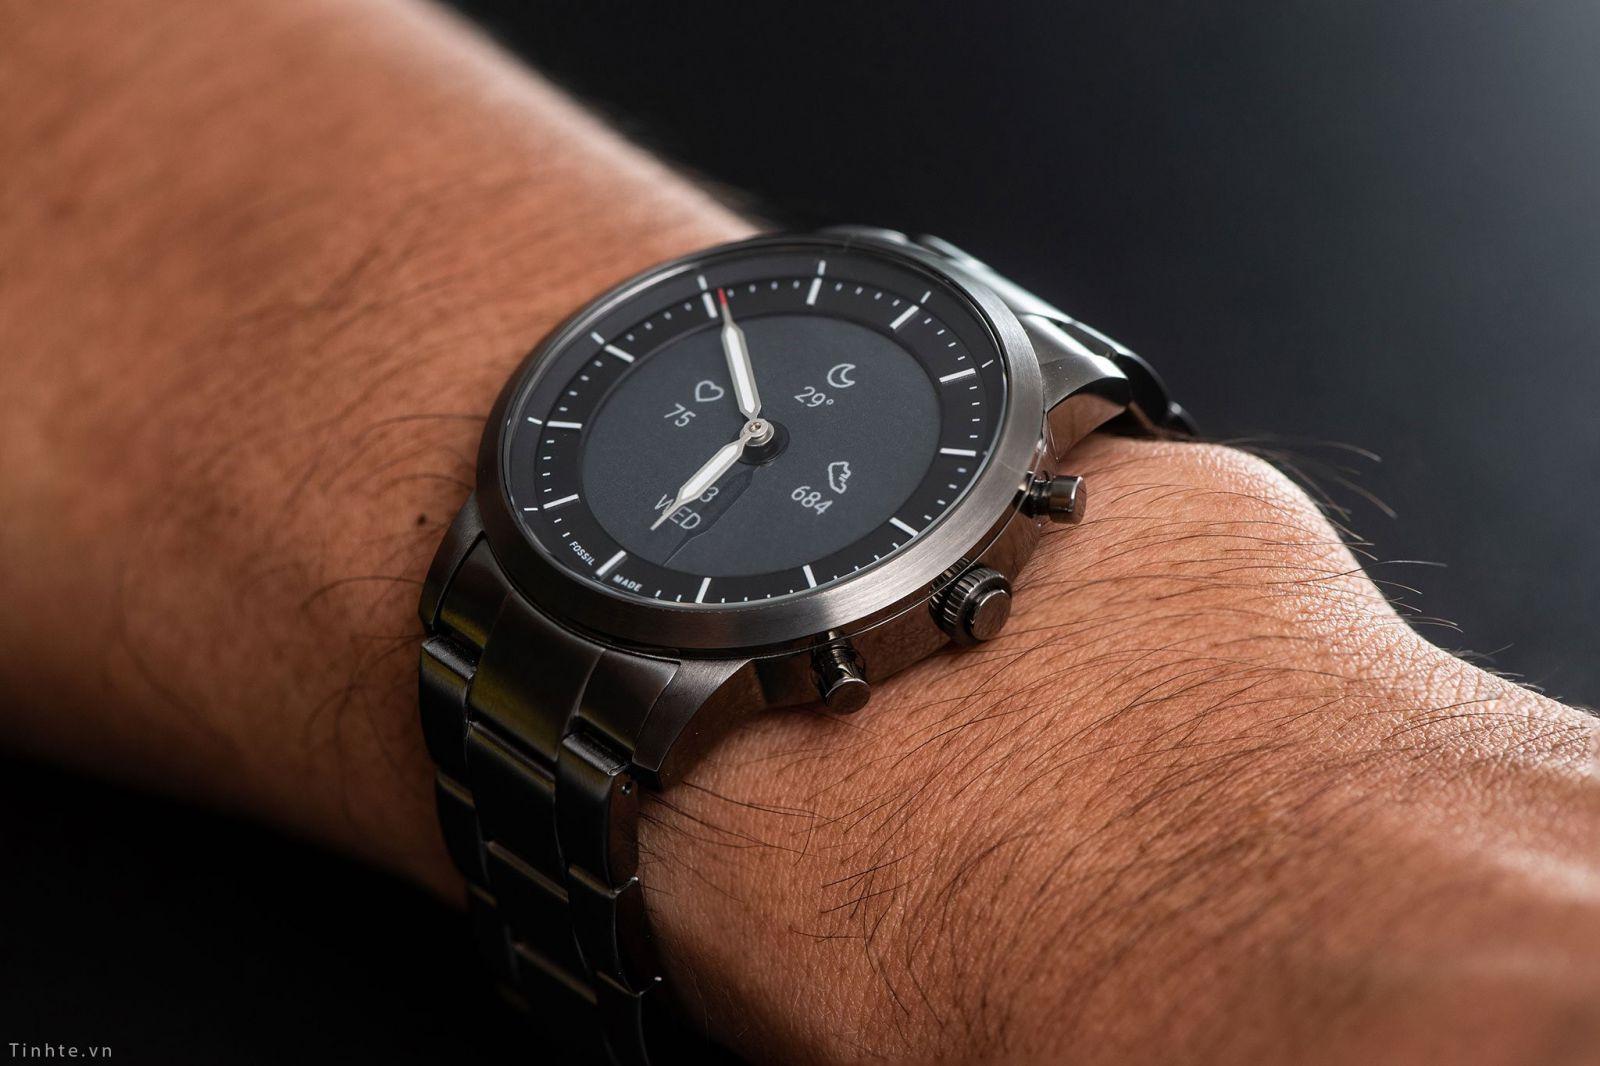 Đồng hồ fossil hybrid hr có tốt như bạn nghĩ?